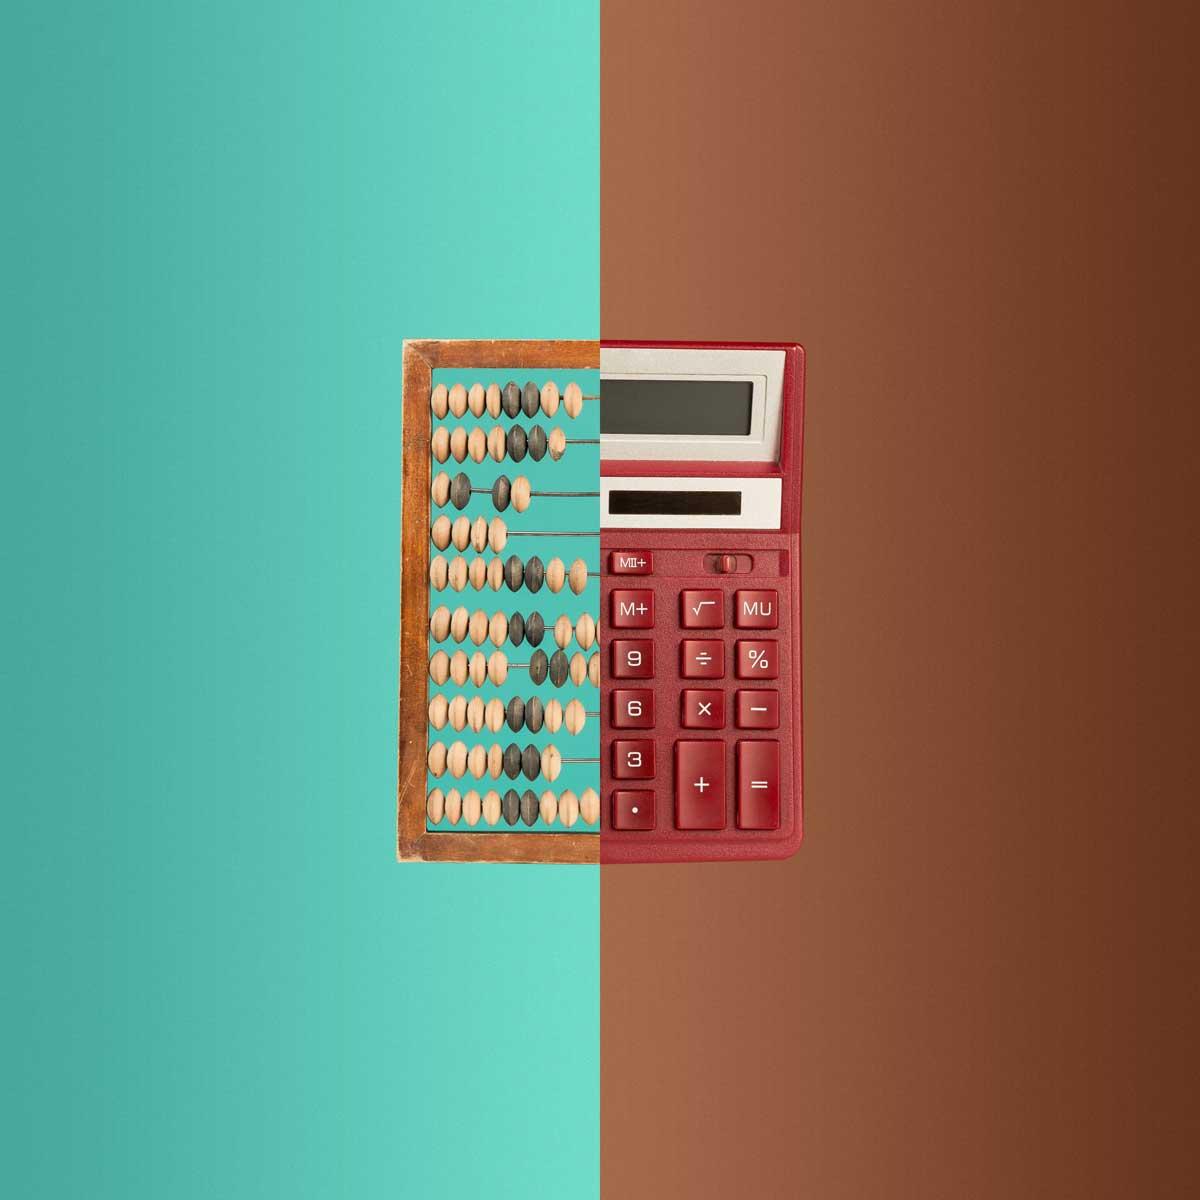 ROI Analytics: What's Your Marketing Worth?